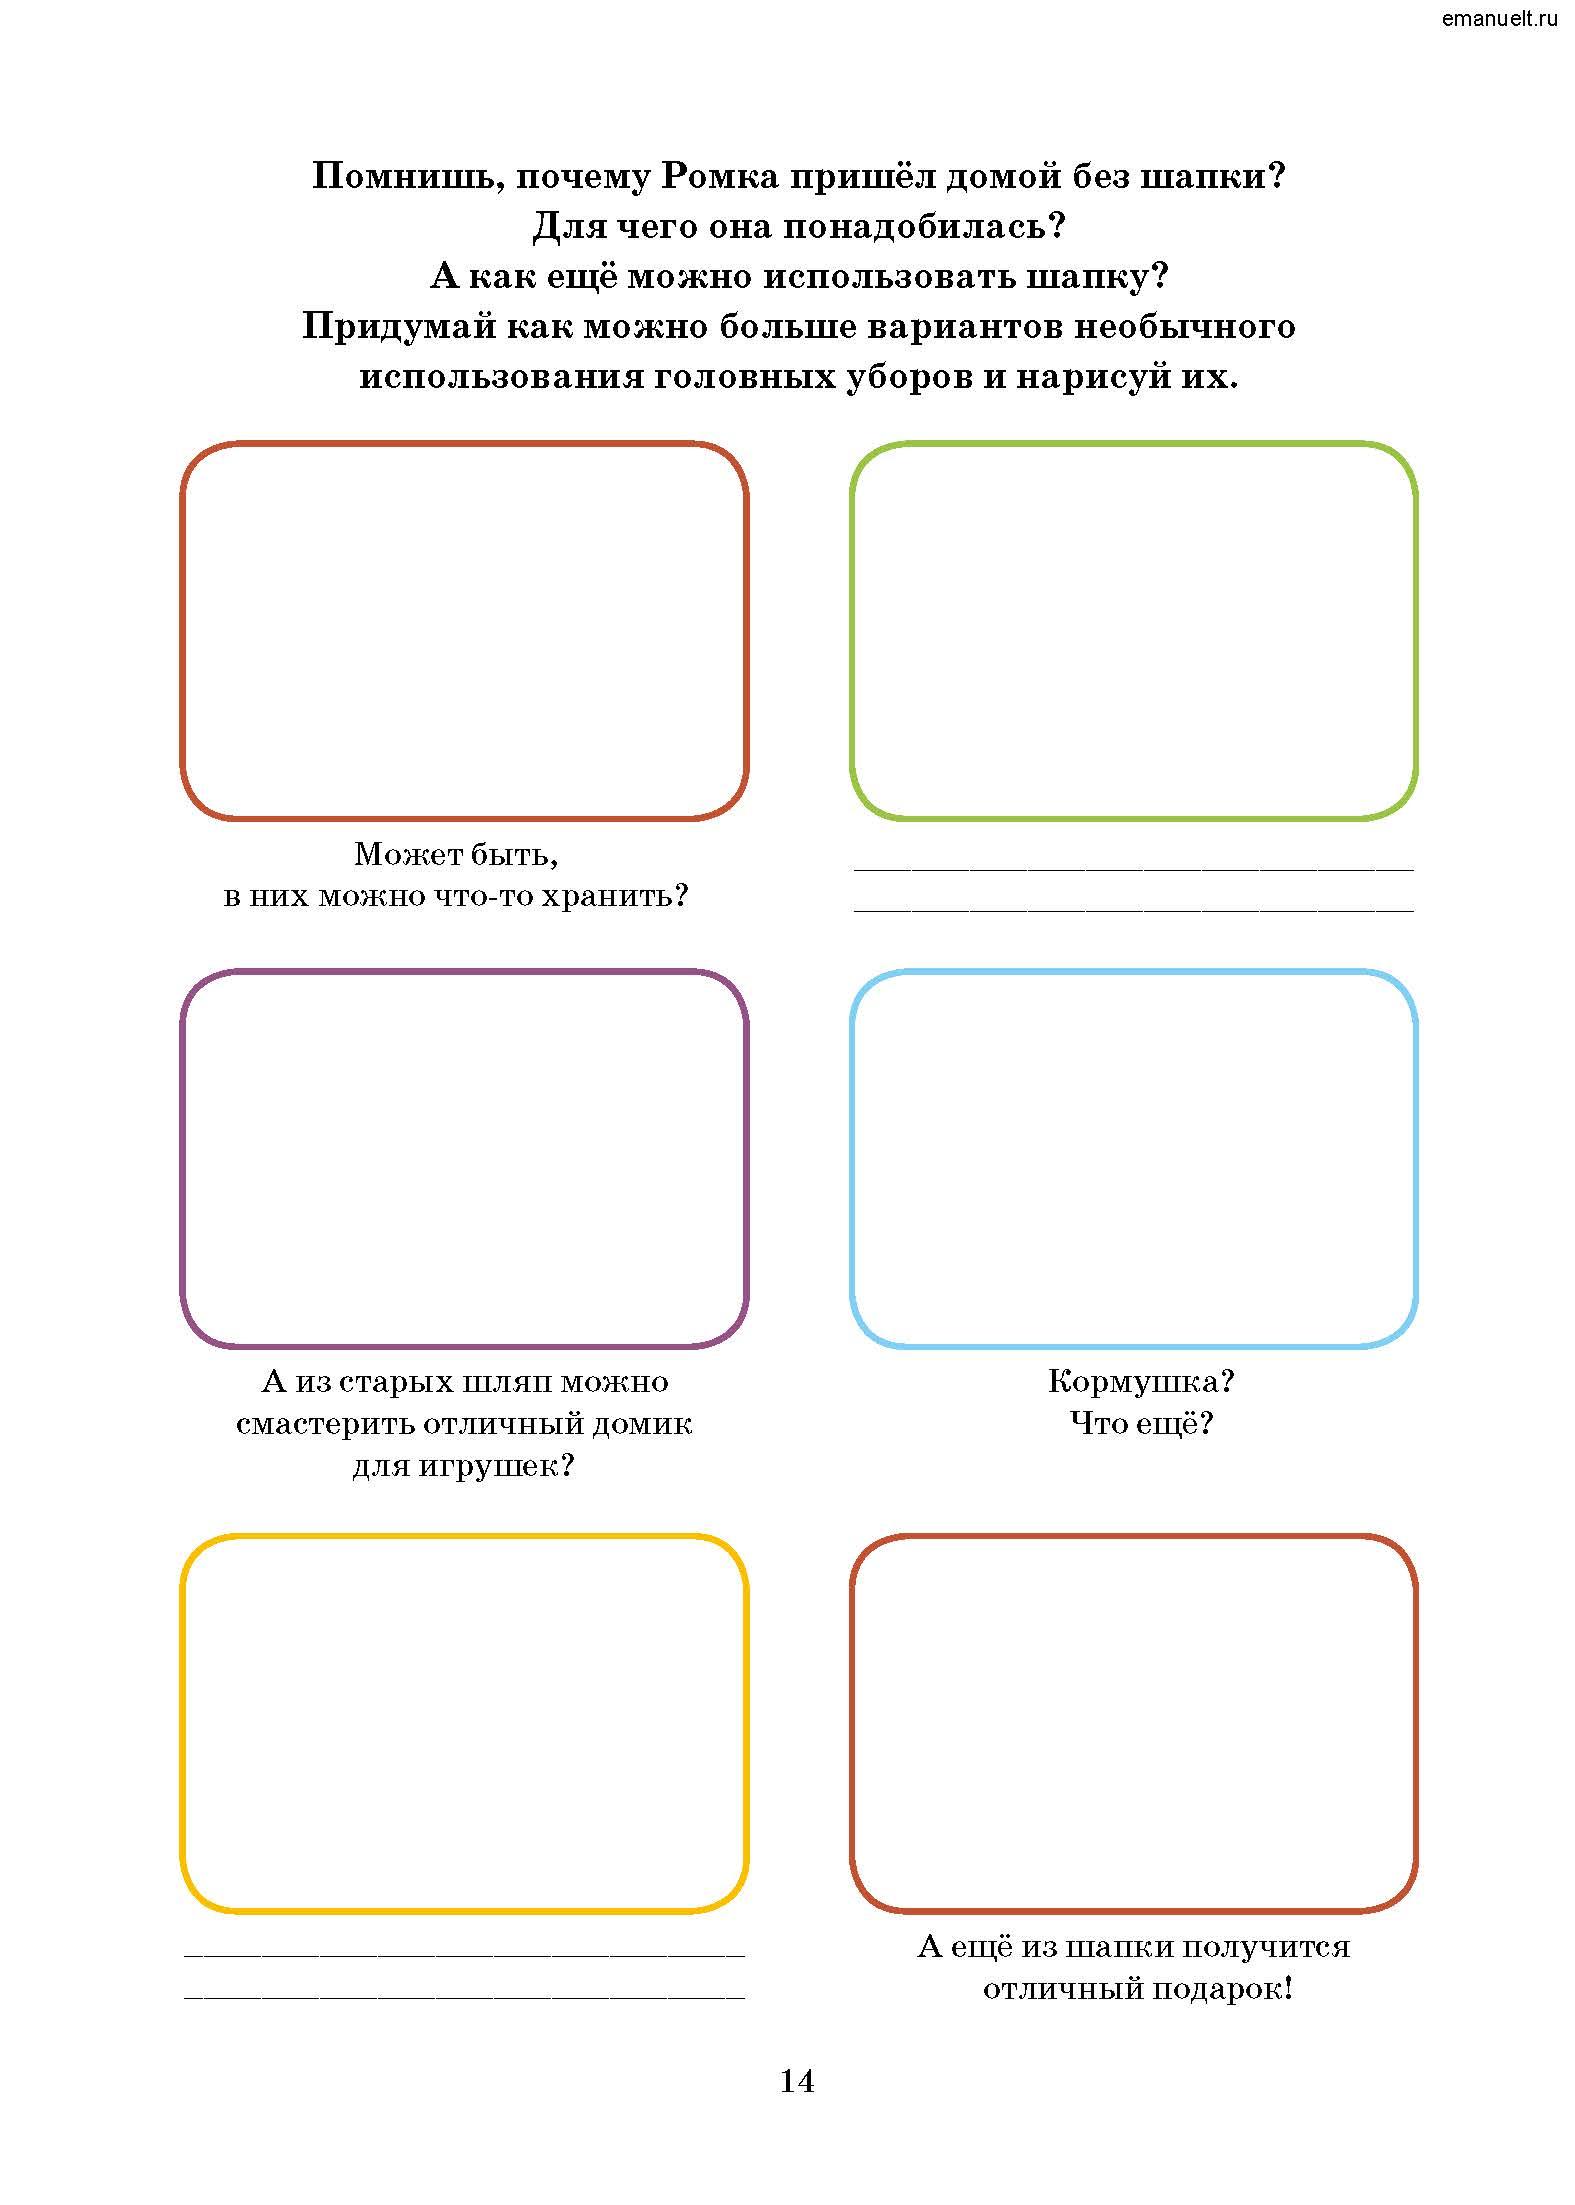 Рассказки в заданиях. emanuelt.ru_Страница_015